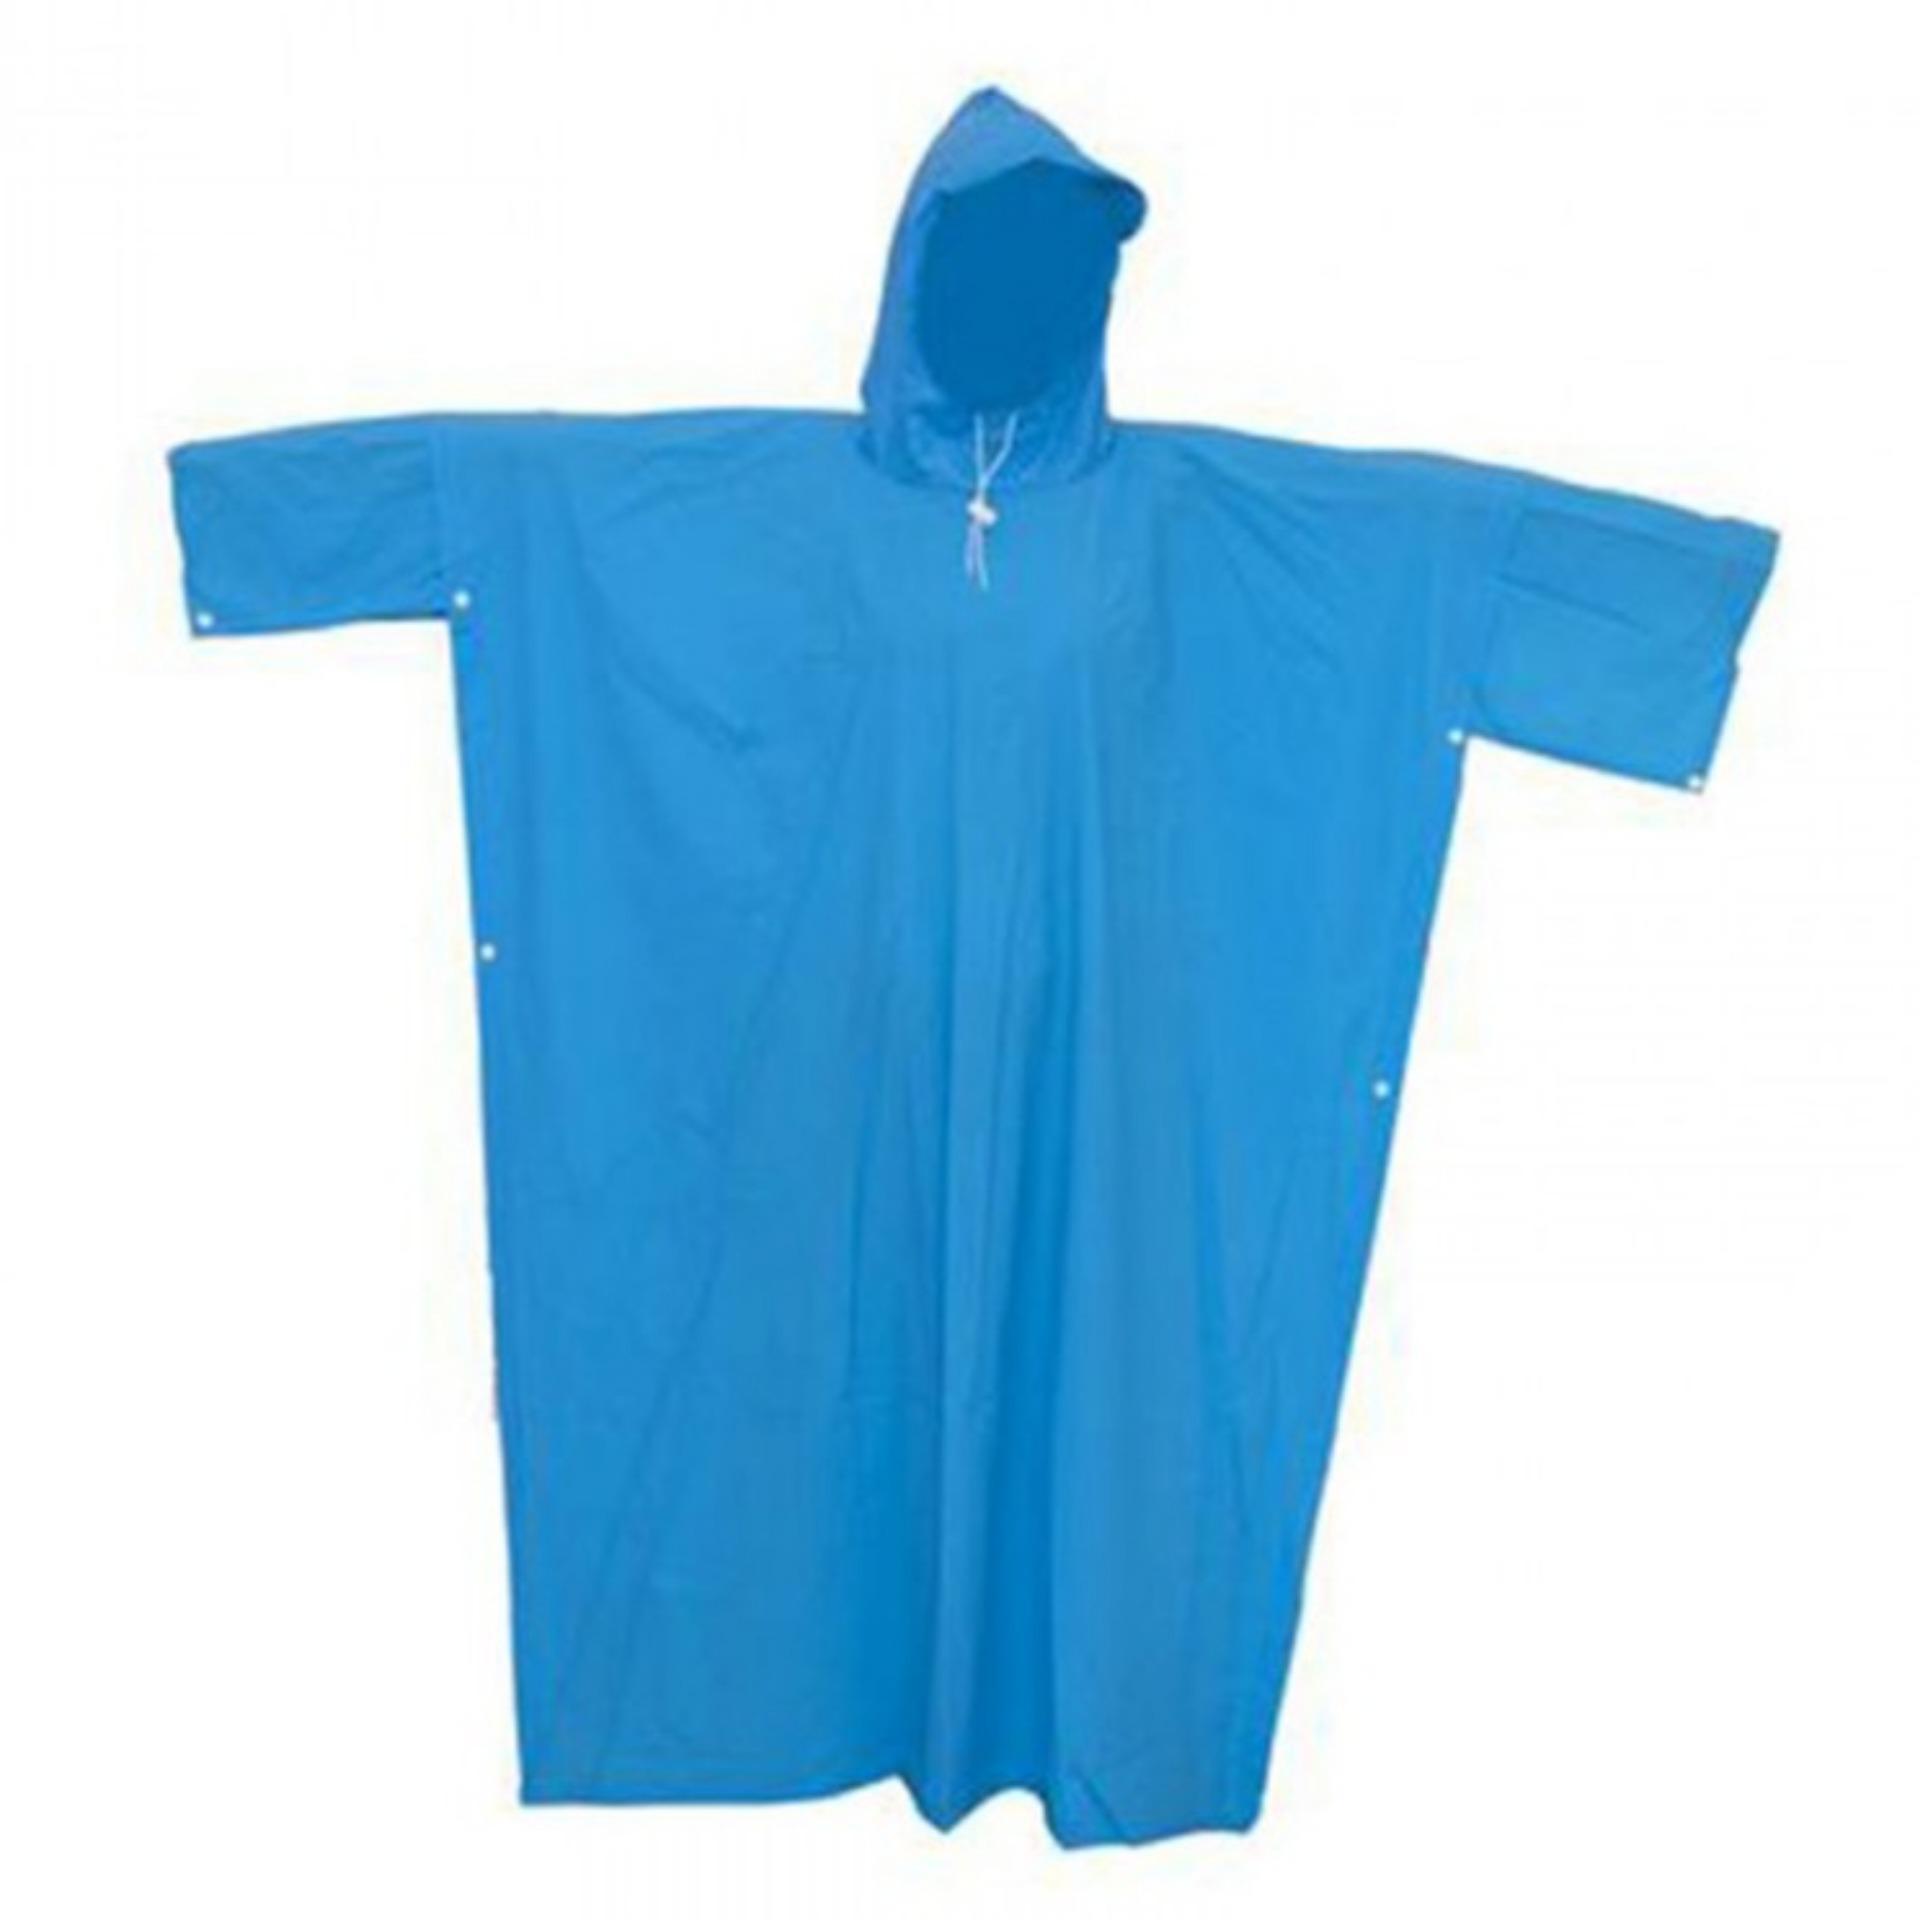 Áo mưa cánh dơi cao cấp vải nhựa ( Màu Xanh dương )